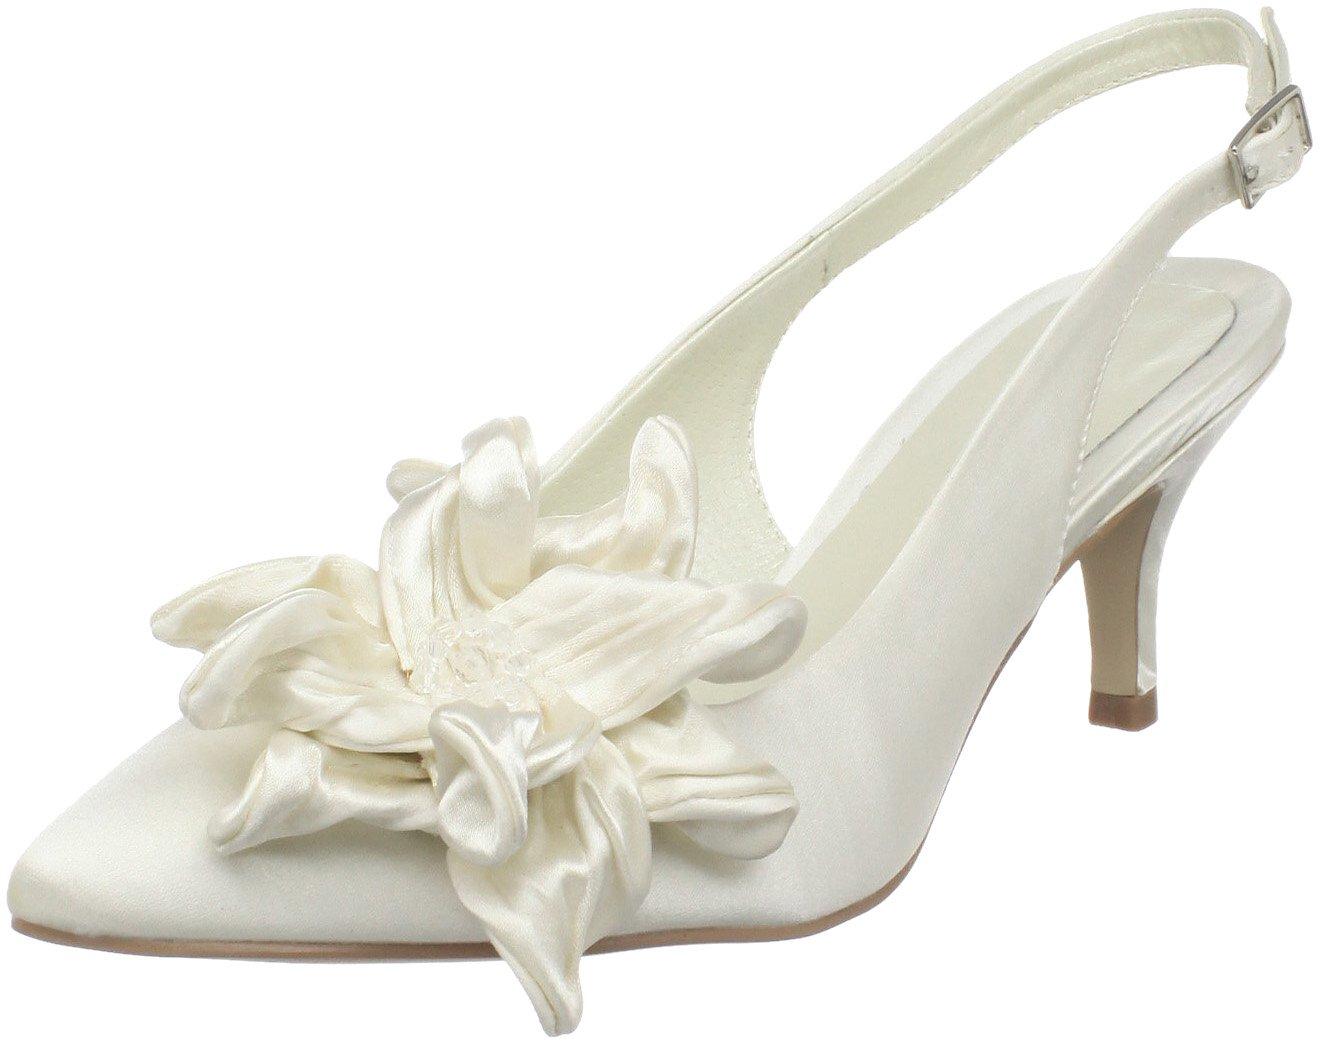 Menbur 17944 Wedding Collier 04513, 04513, Chaussures femme B07DFS9HMS Blanc (Tr-b1-ivoire-11) 3d14f64 - jessicalock.space